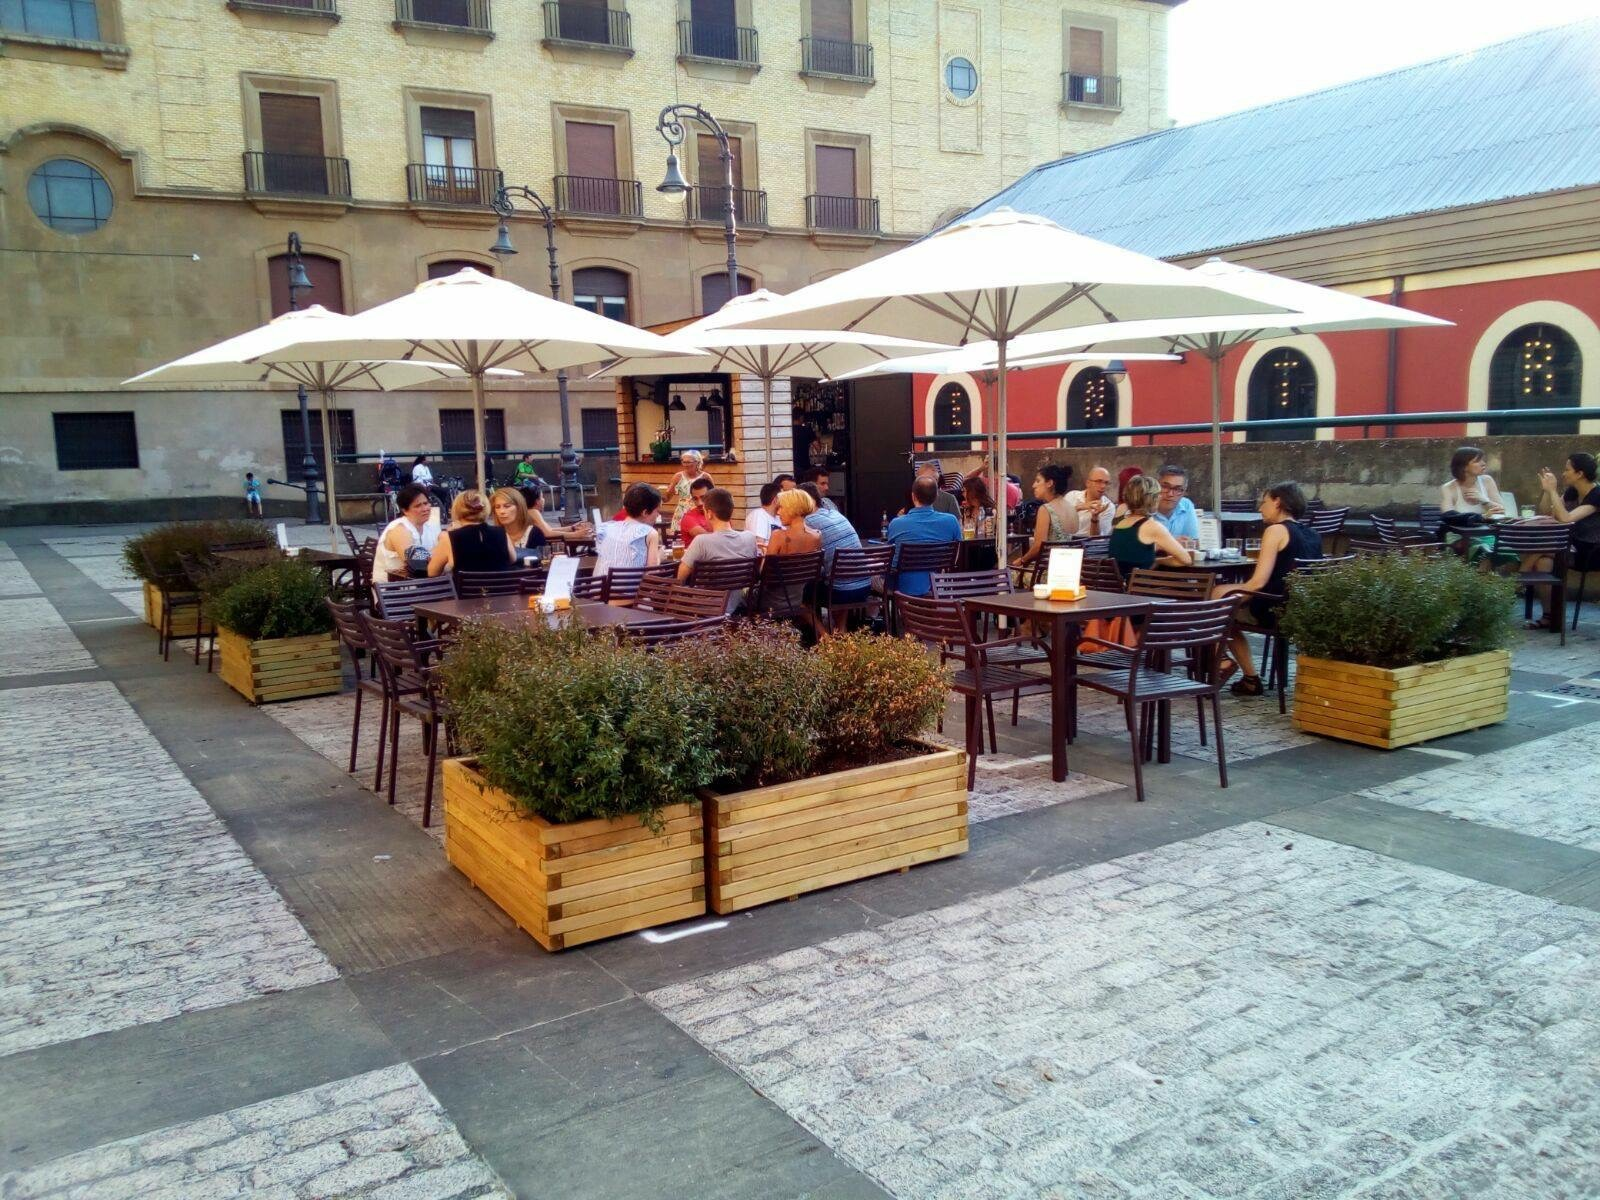 zentral-terraza-mesas